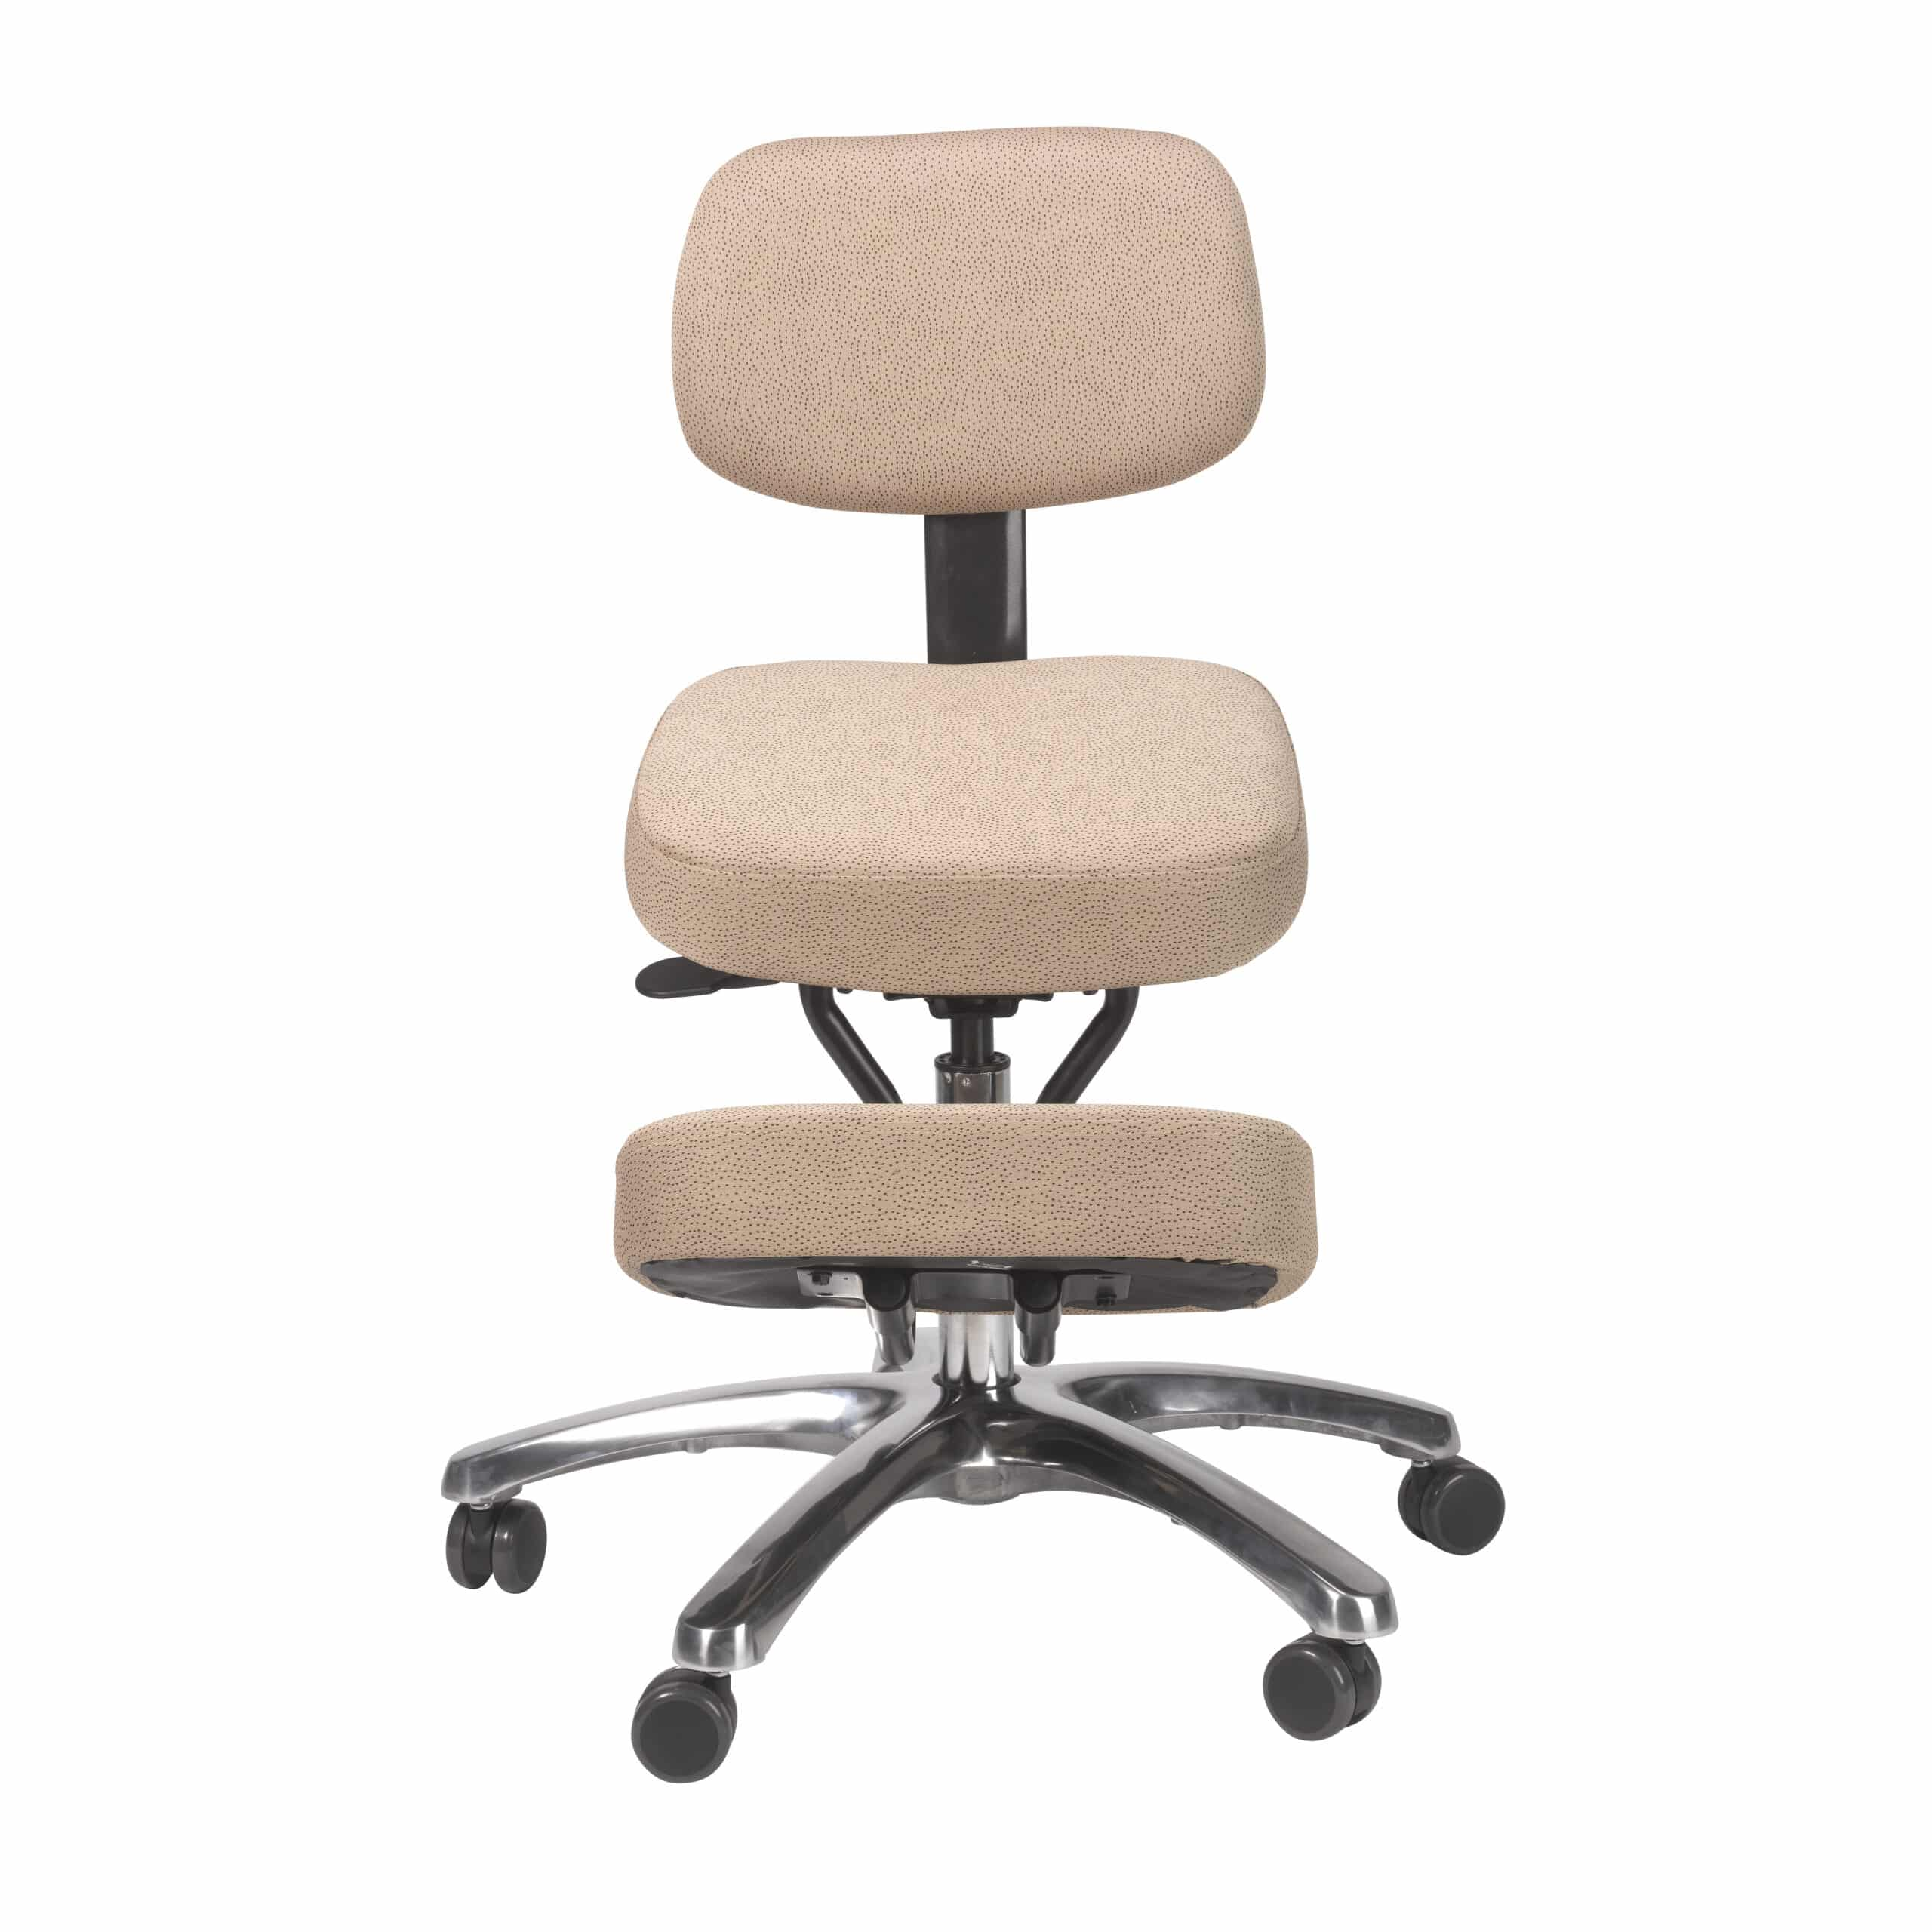 Back Care Jazzy Kneeling Chair – Beige BP1446BE